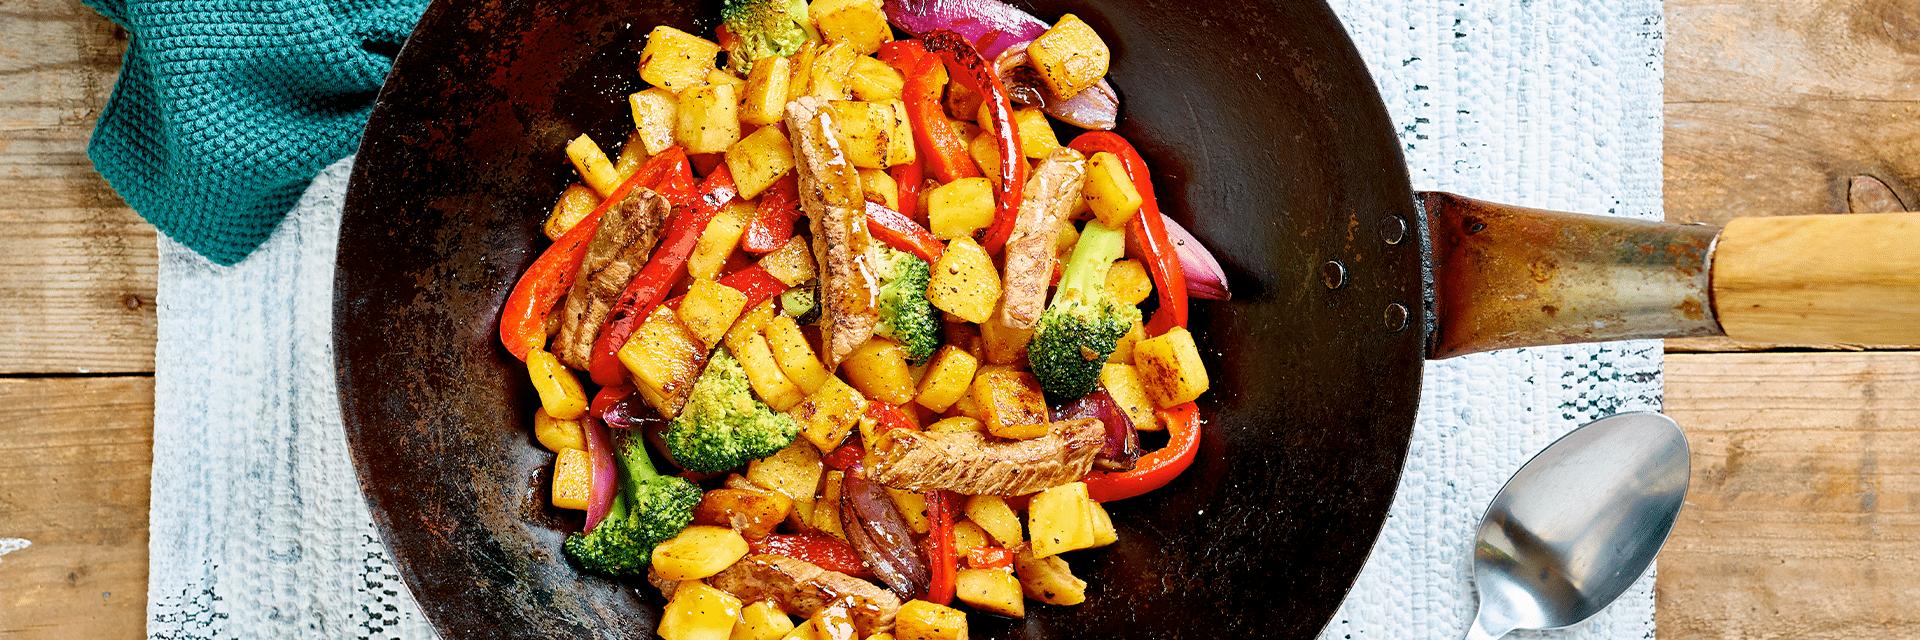 Pepersteakwok met aardappel, biefstuk en groenten